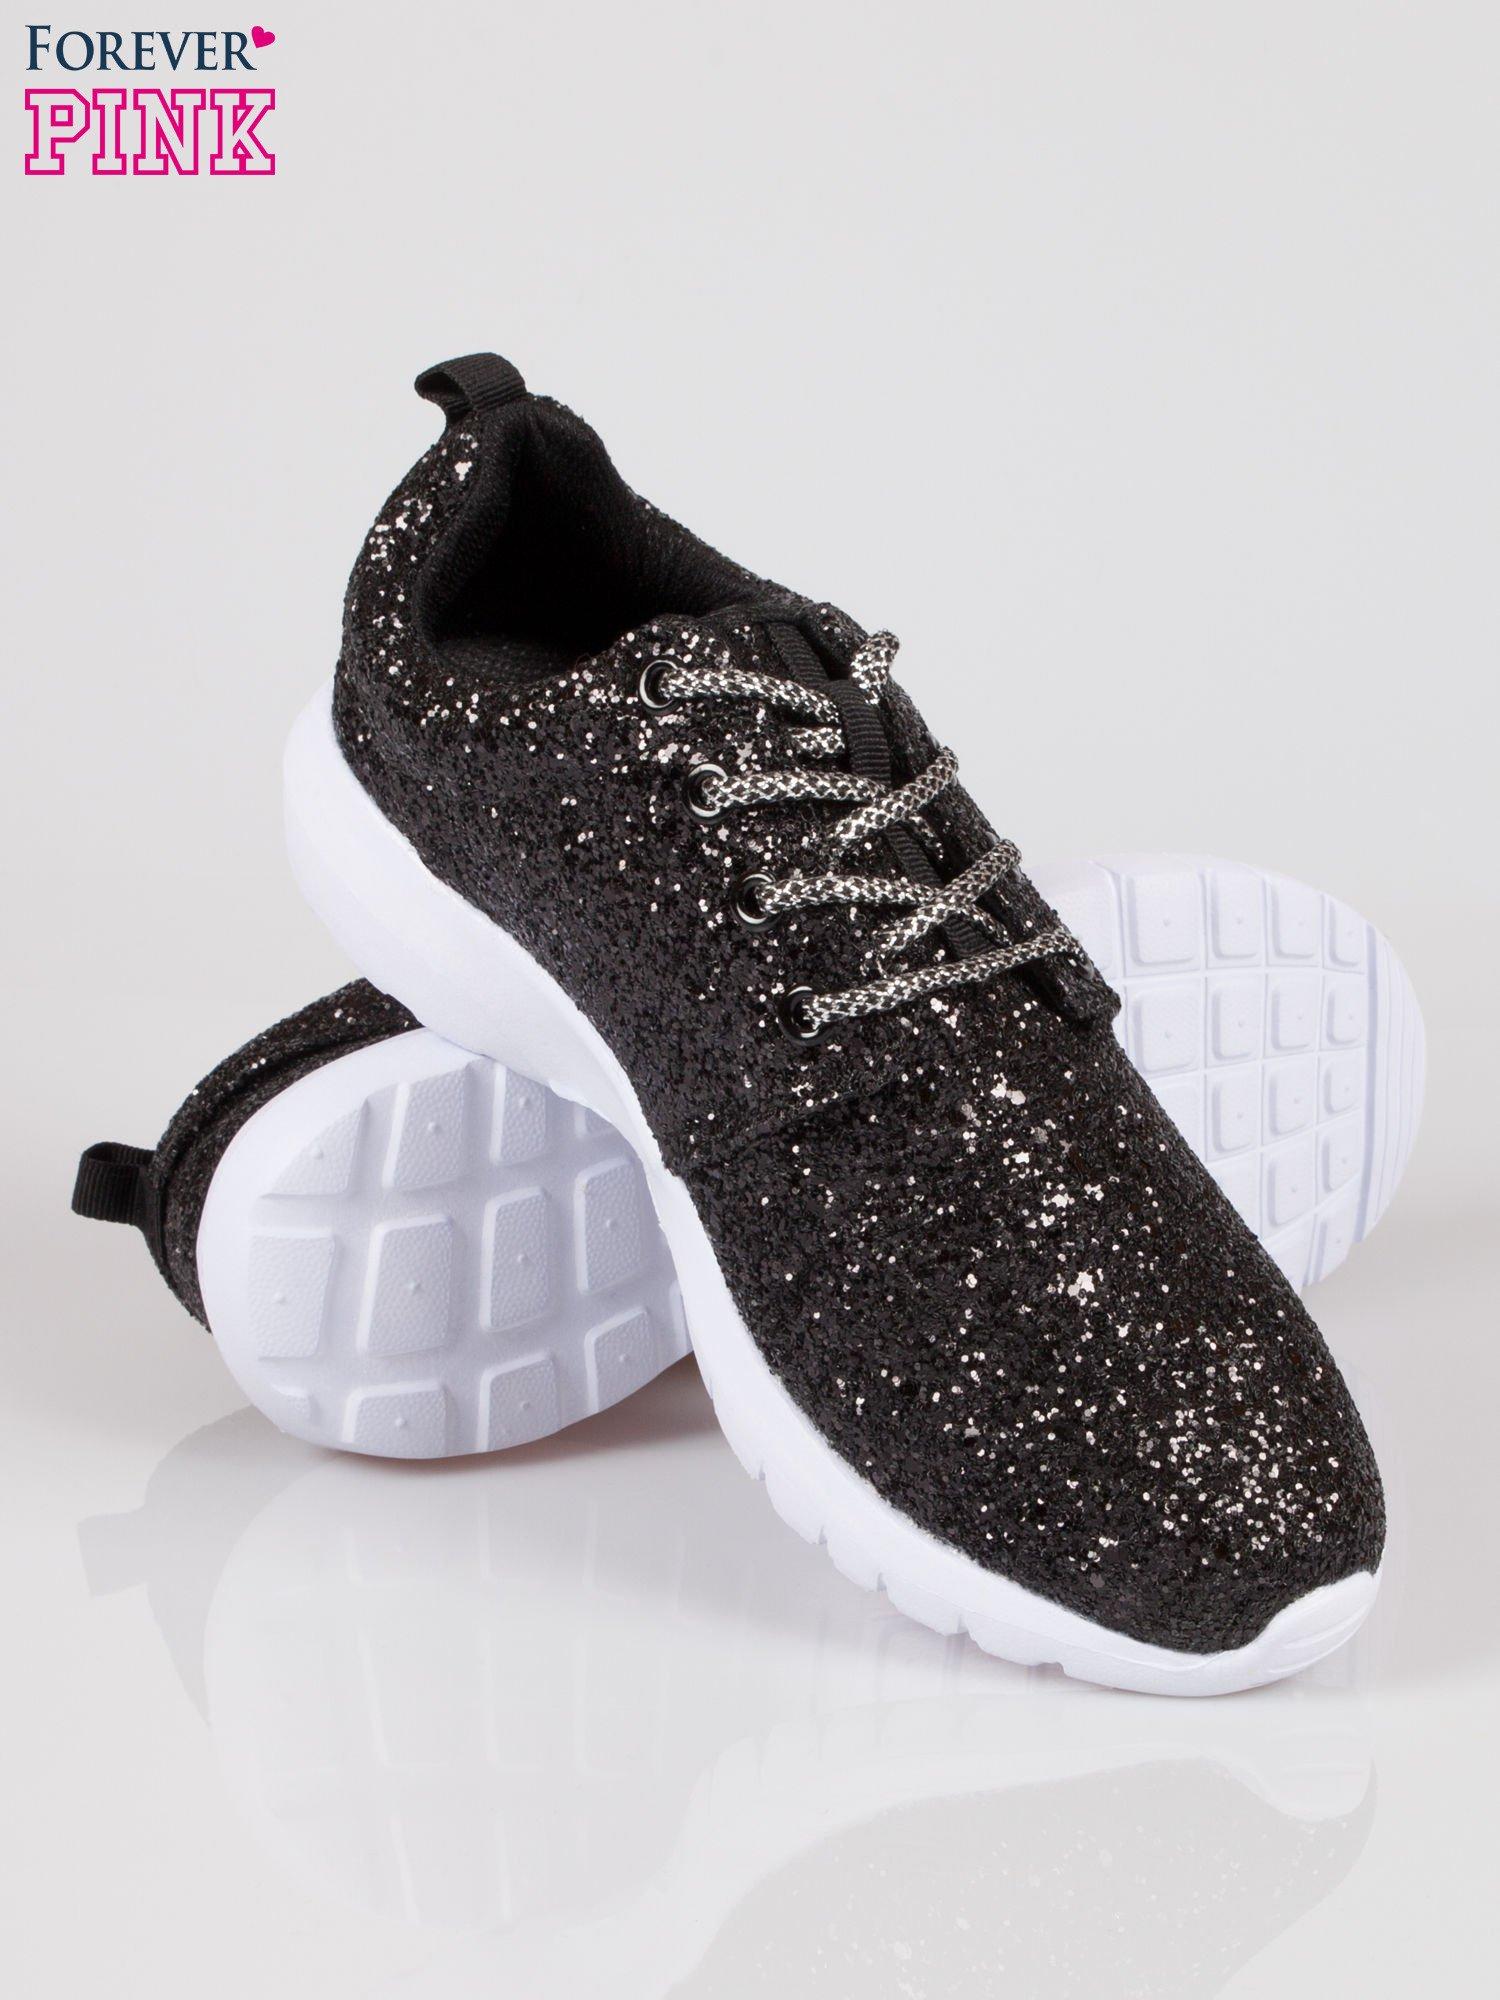 Czarne buty sportowe textile Crummy z brokatowym efektem                                  zdj.                                  4